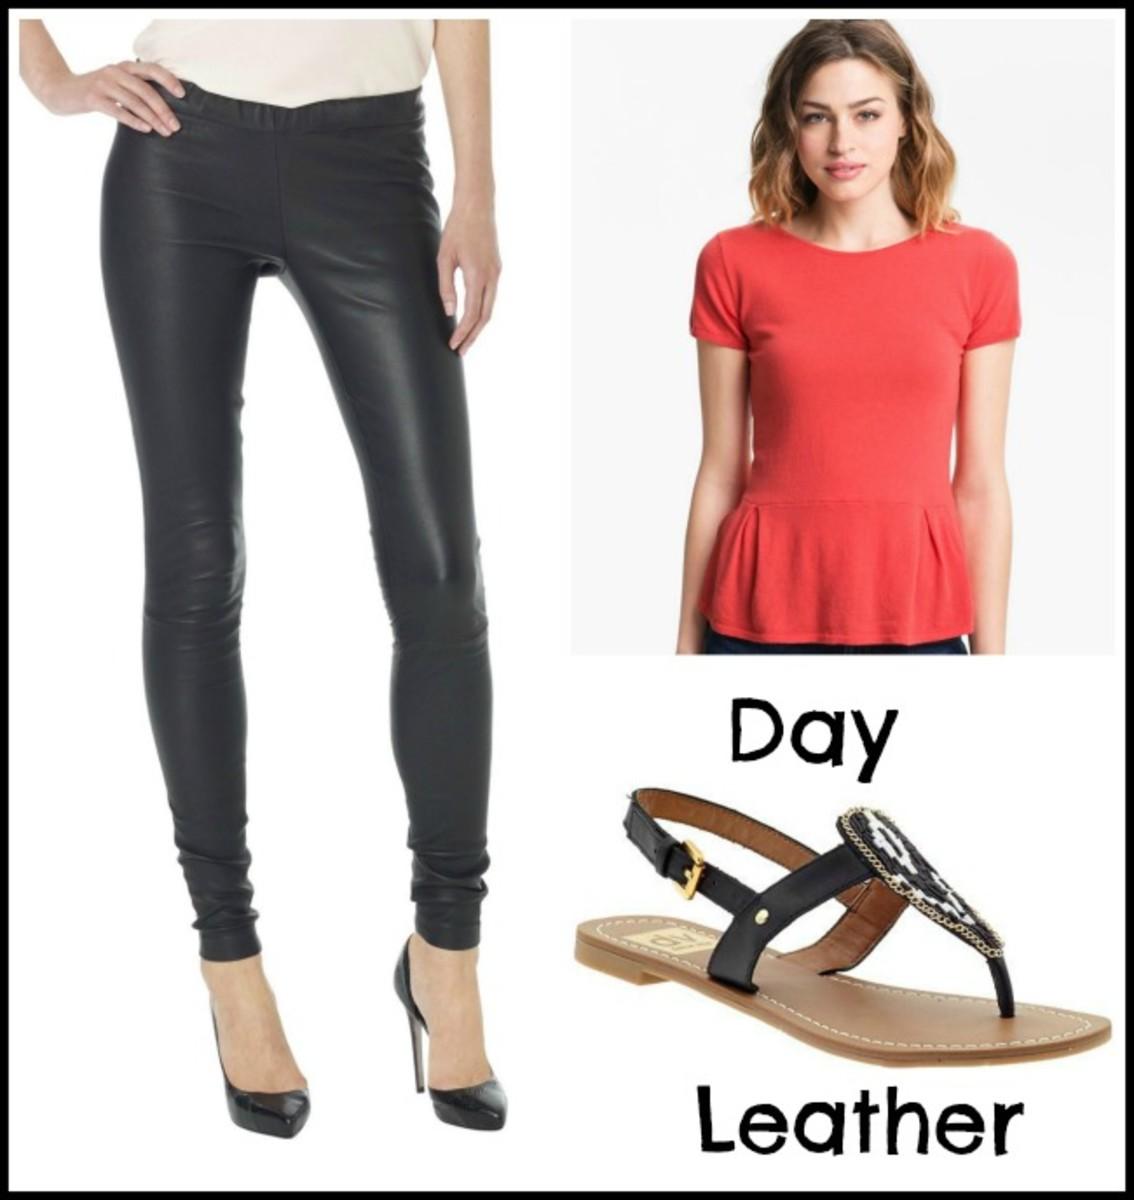 LeatherDay